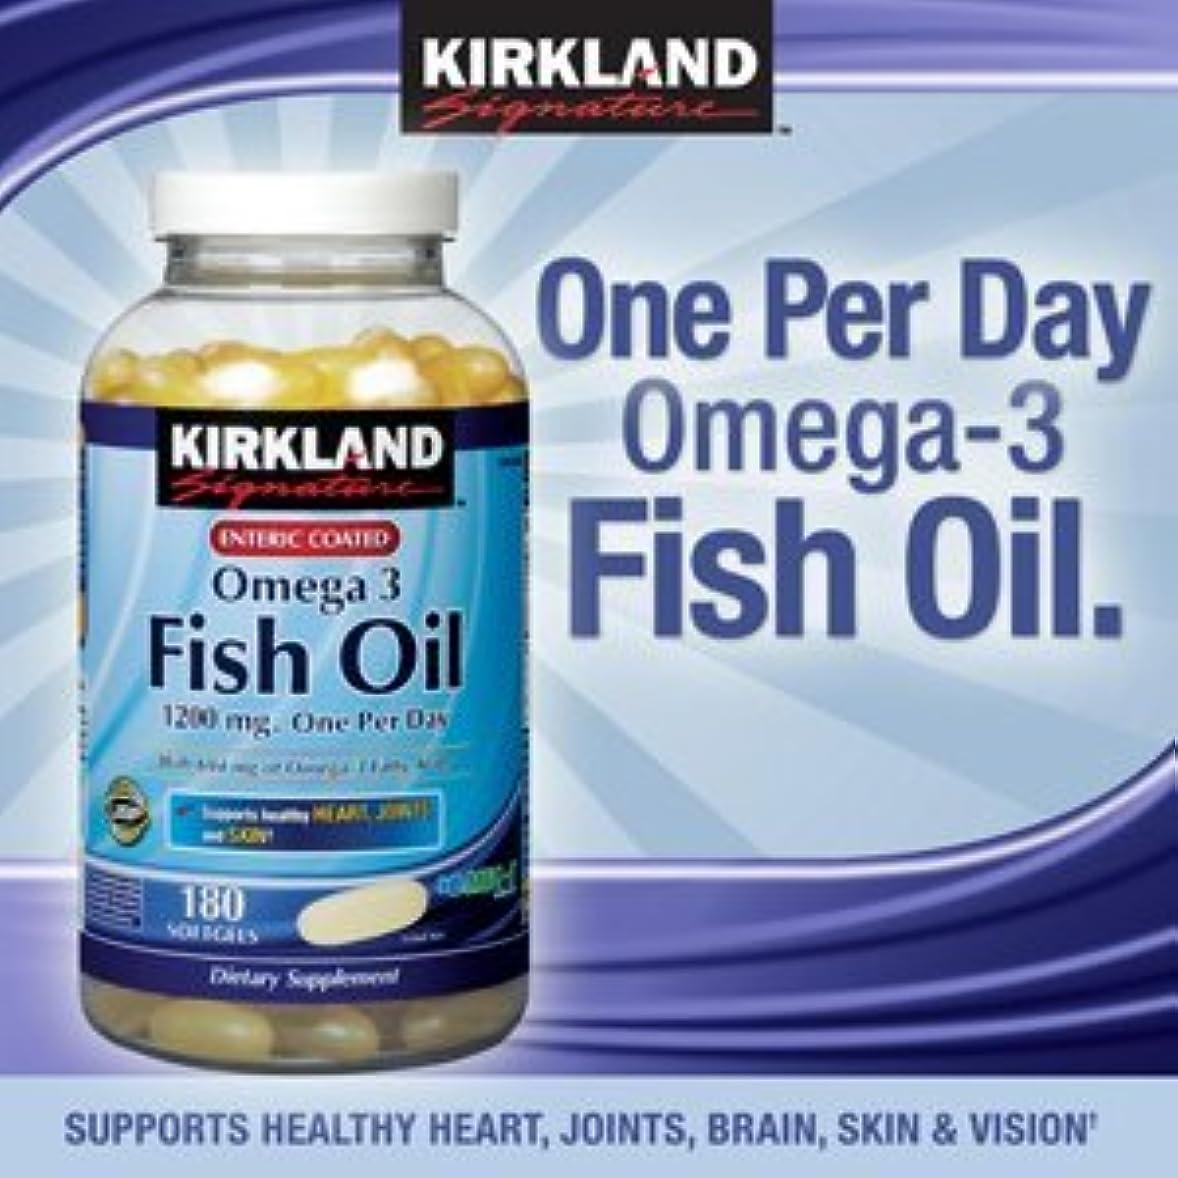 野心八排他的カークランド フィッシュオイル オメガ3 コンセントレイト 1200 mg 180ソフトカプセル 海外直送品